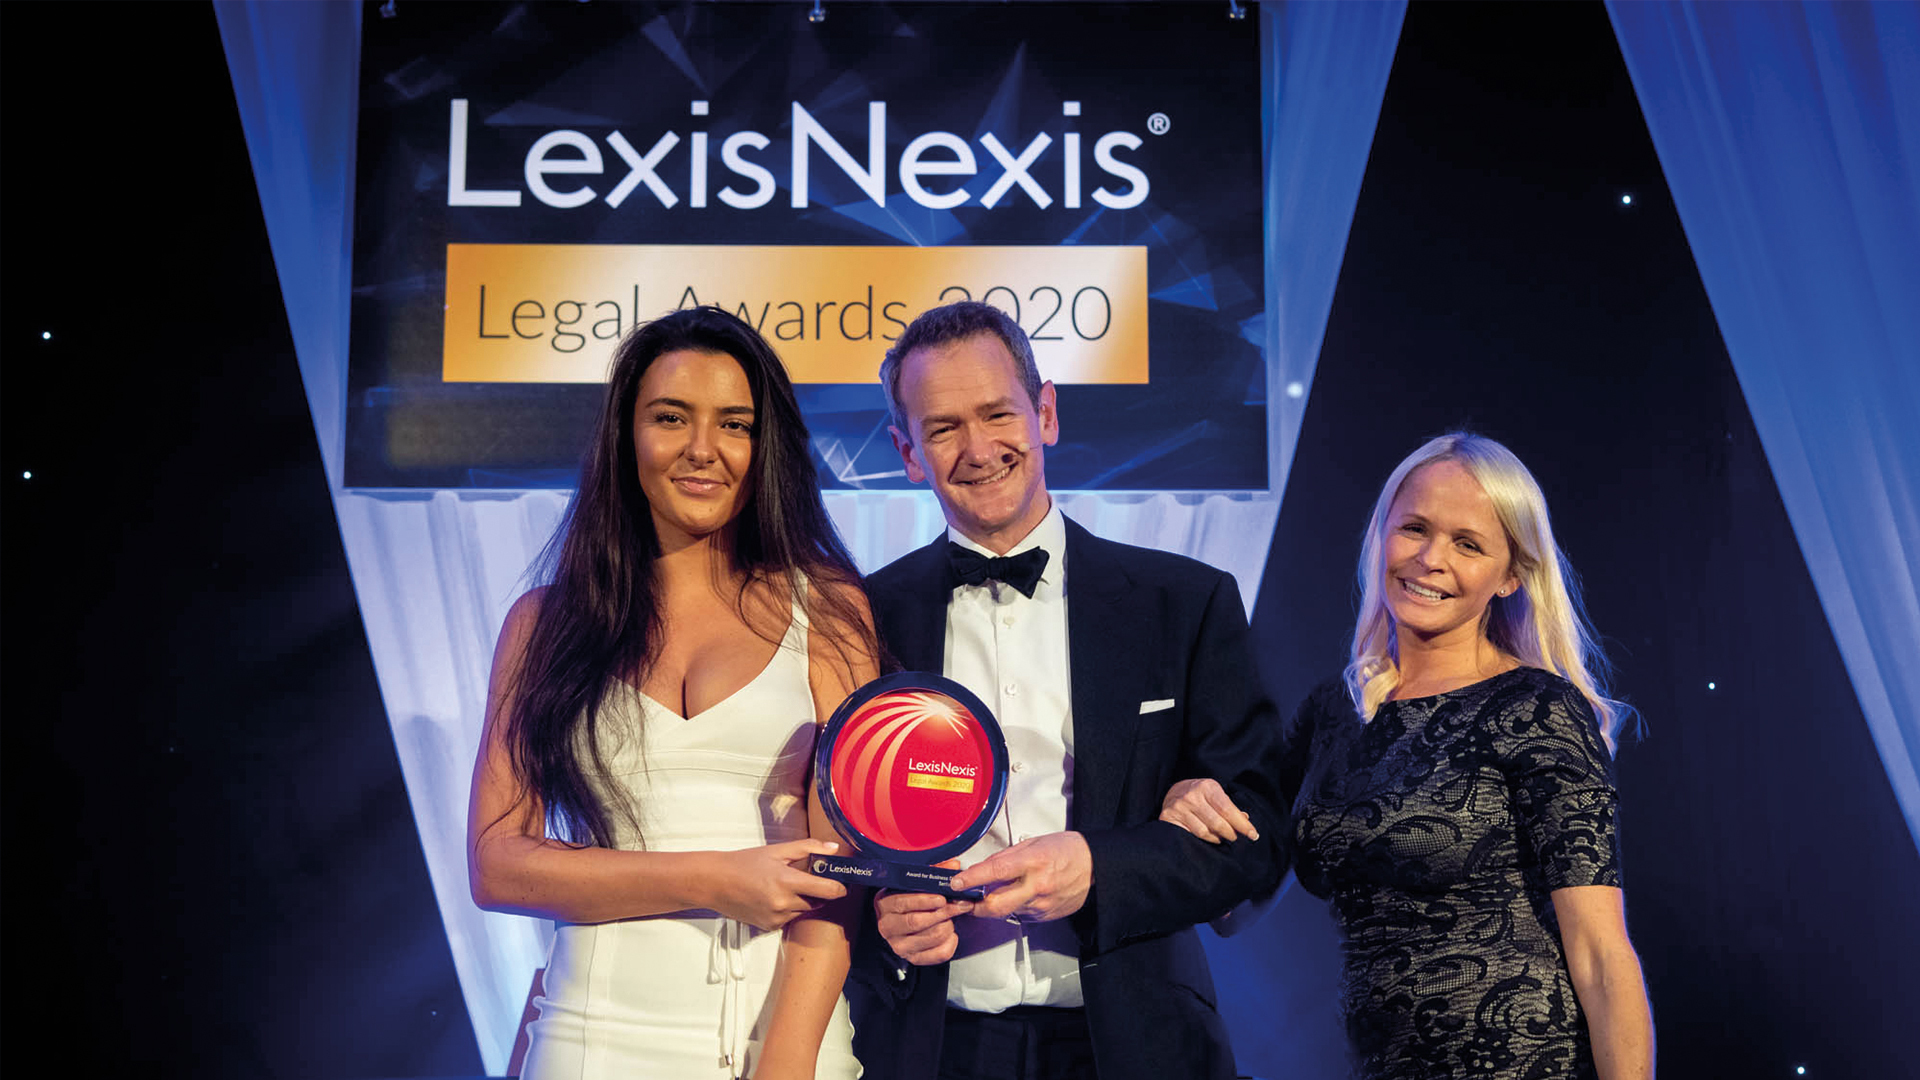 Lexis Nexis Award Ceremony